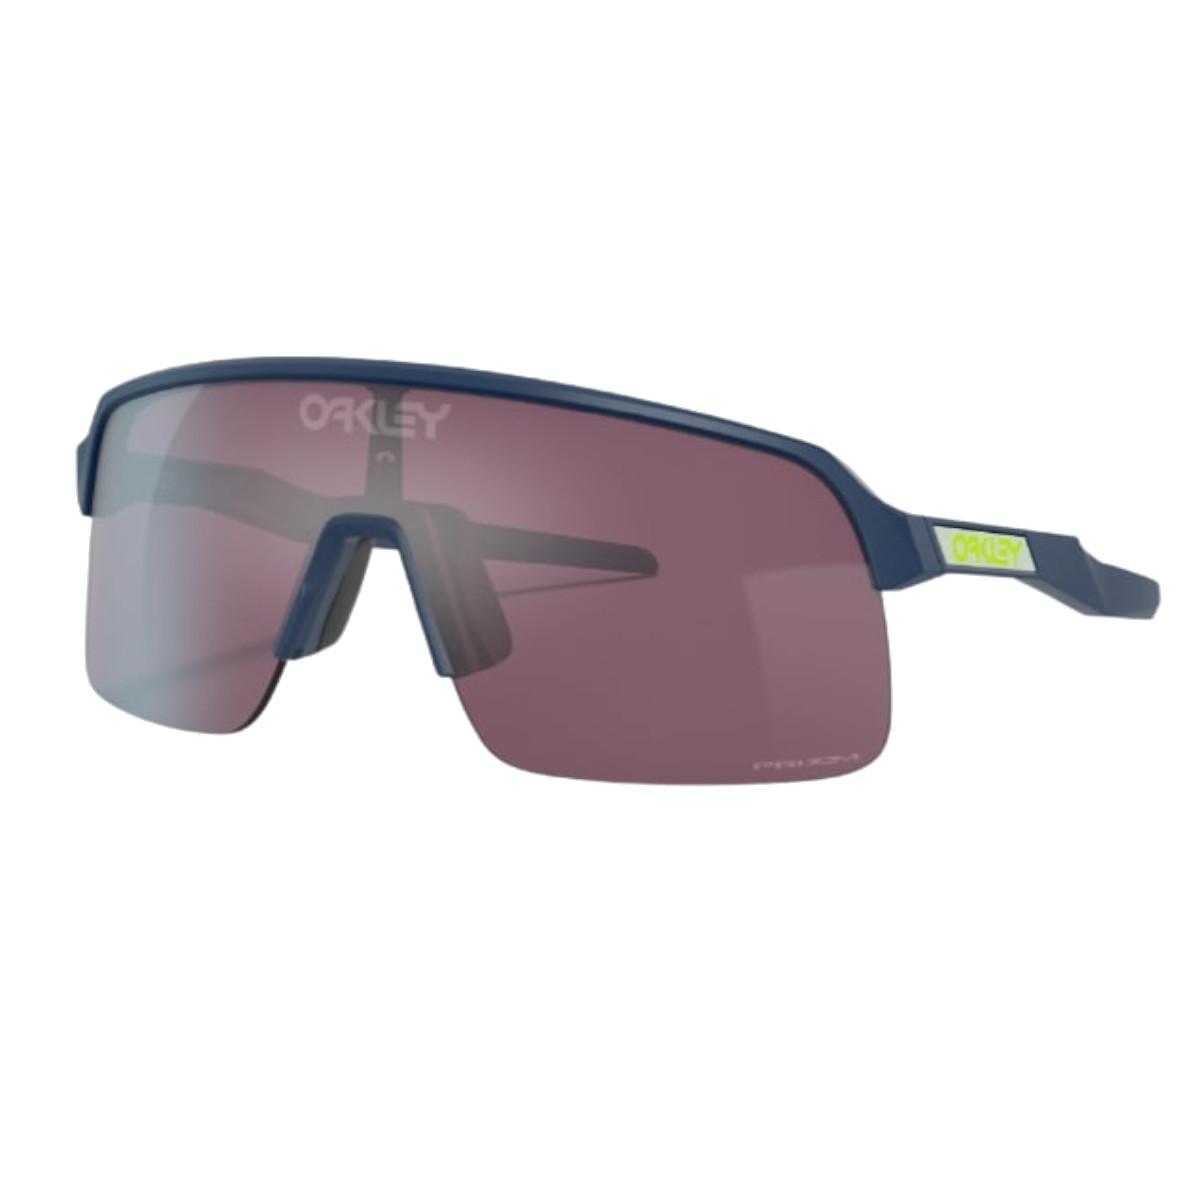 Óculos Oakley Sutro Lite Matte Poseidon Prizm Road Black